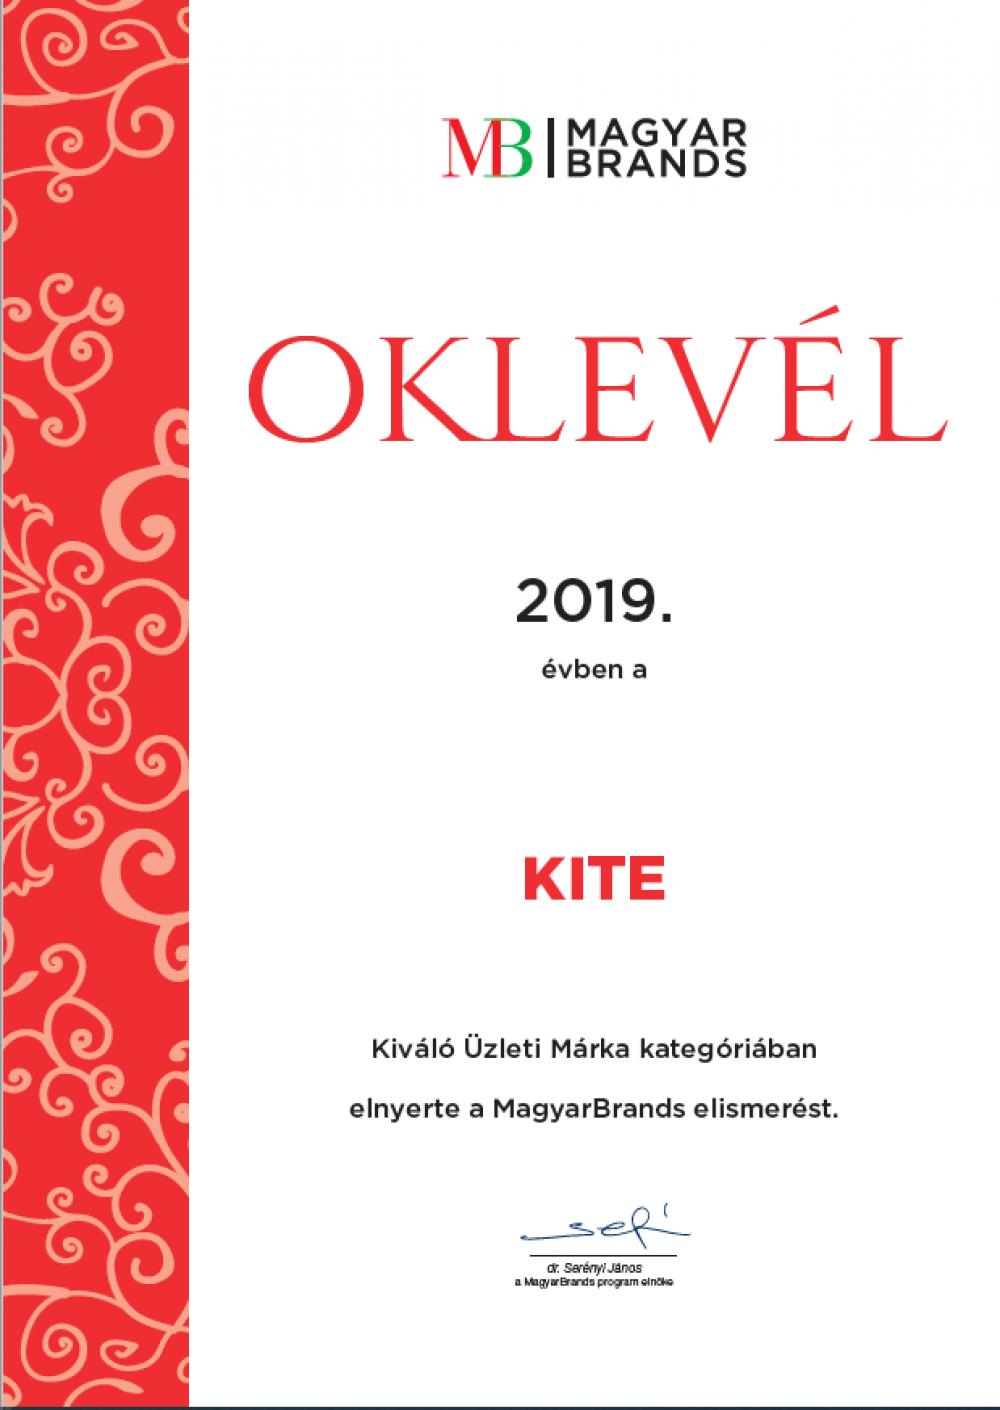 Magyar Brands nyolcadik alkalommal